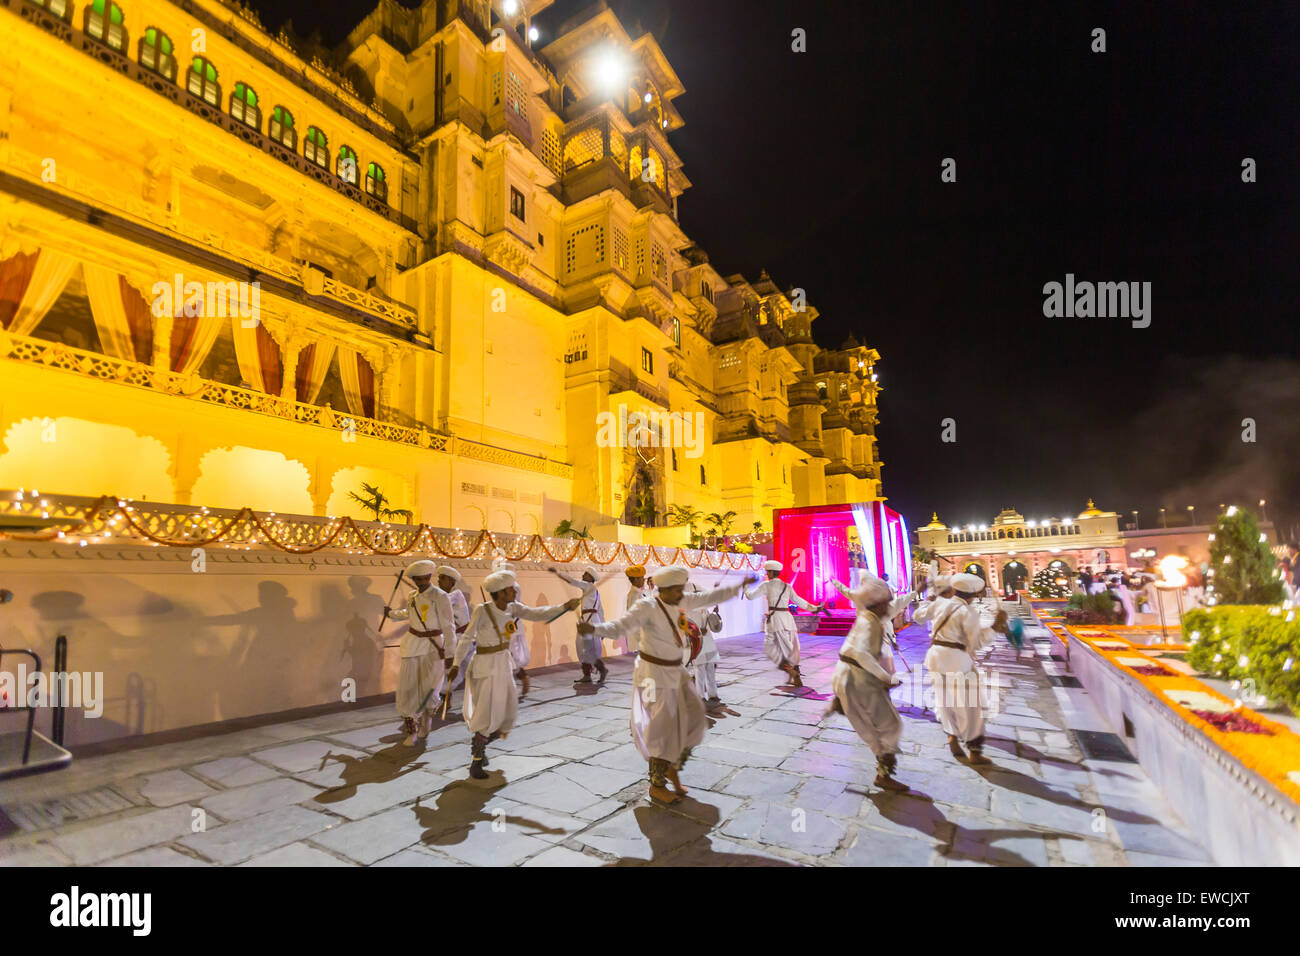 Gira danza en el festival de Holi en el Palacio de la ciudad, Udaipur, India Imagen De Stock